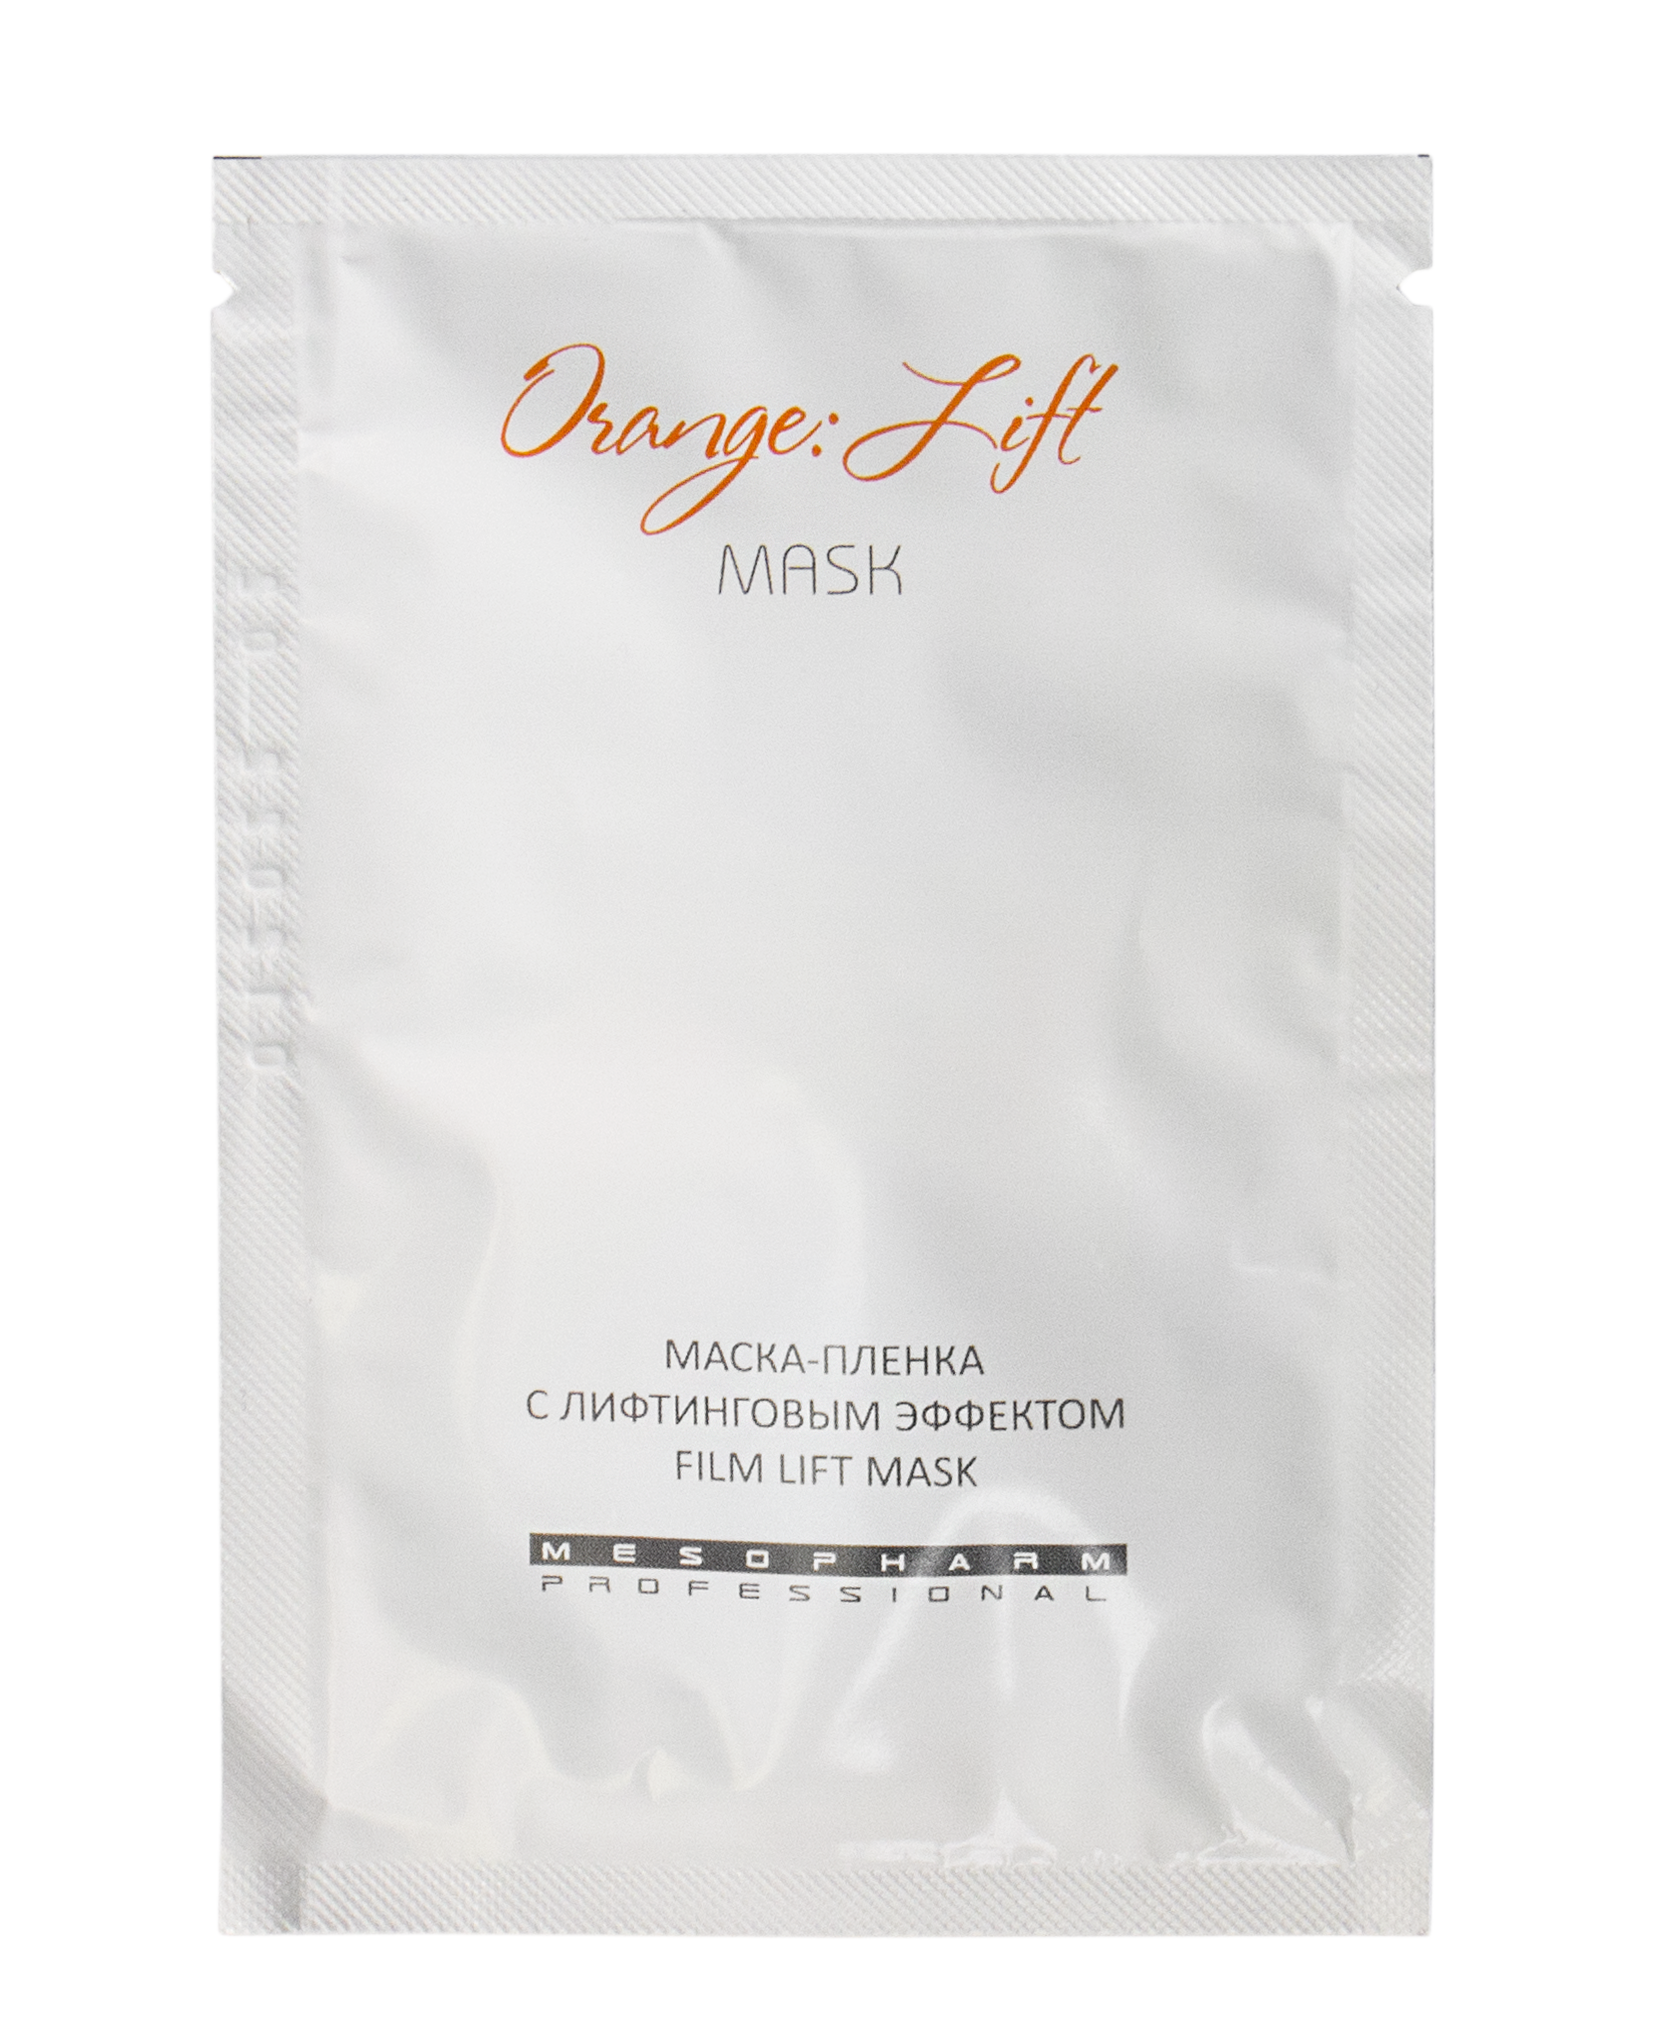 MESOPHARM PROFESSIONAL Маска-пленка с лифтинговым эффектом для лица / ORANGE LIFT MASK 15 г